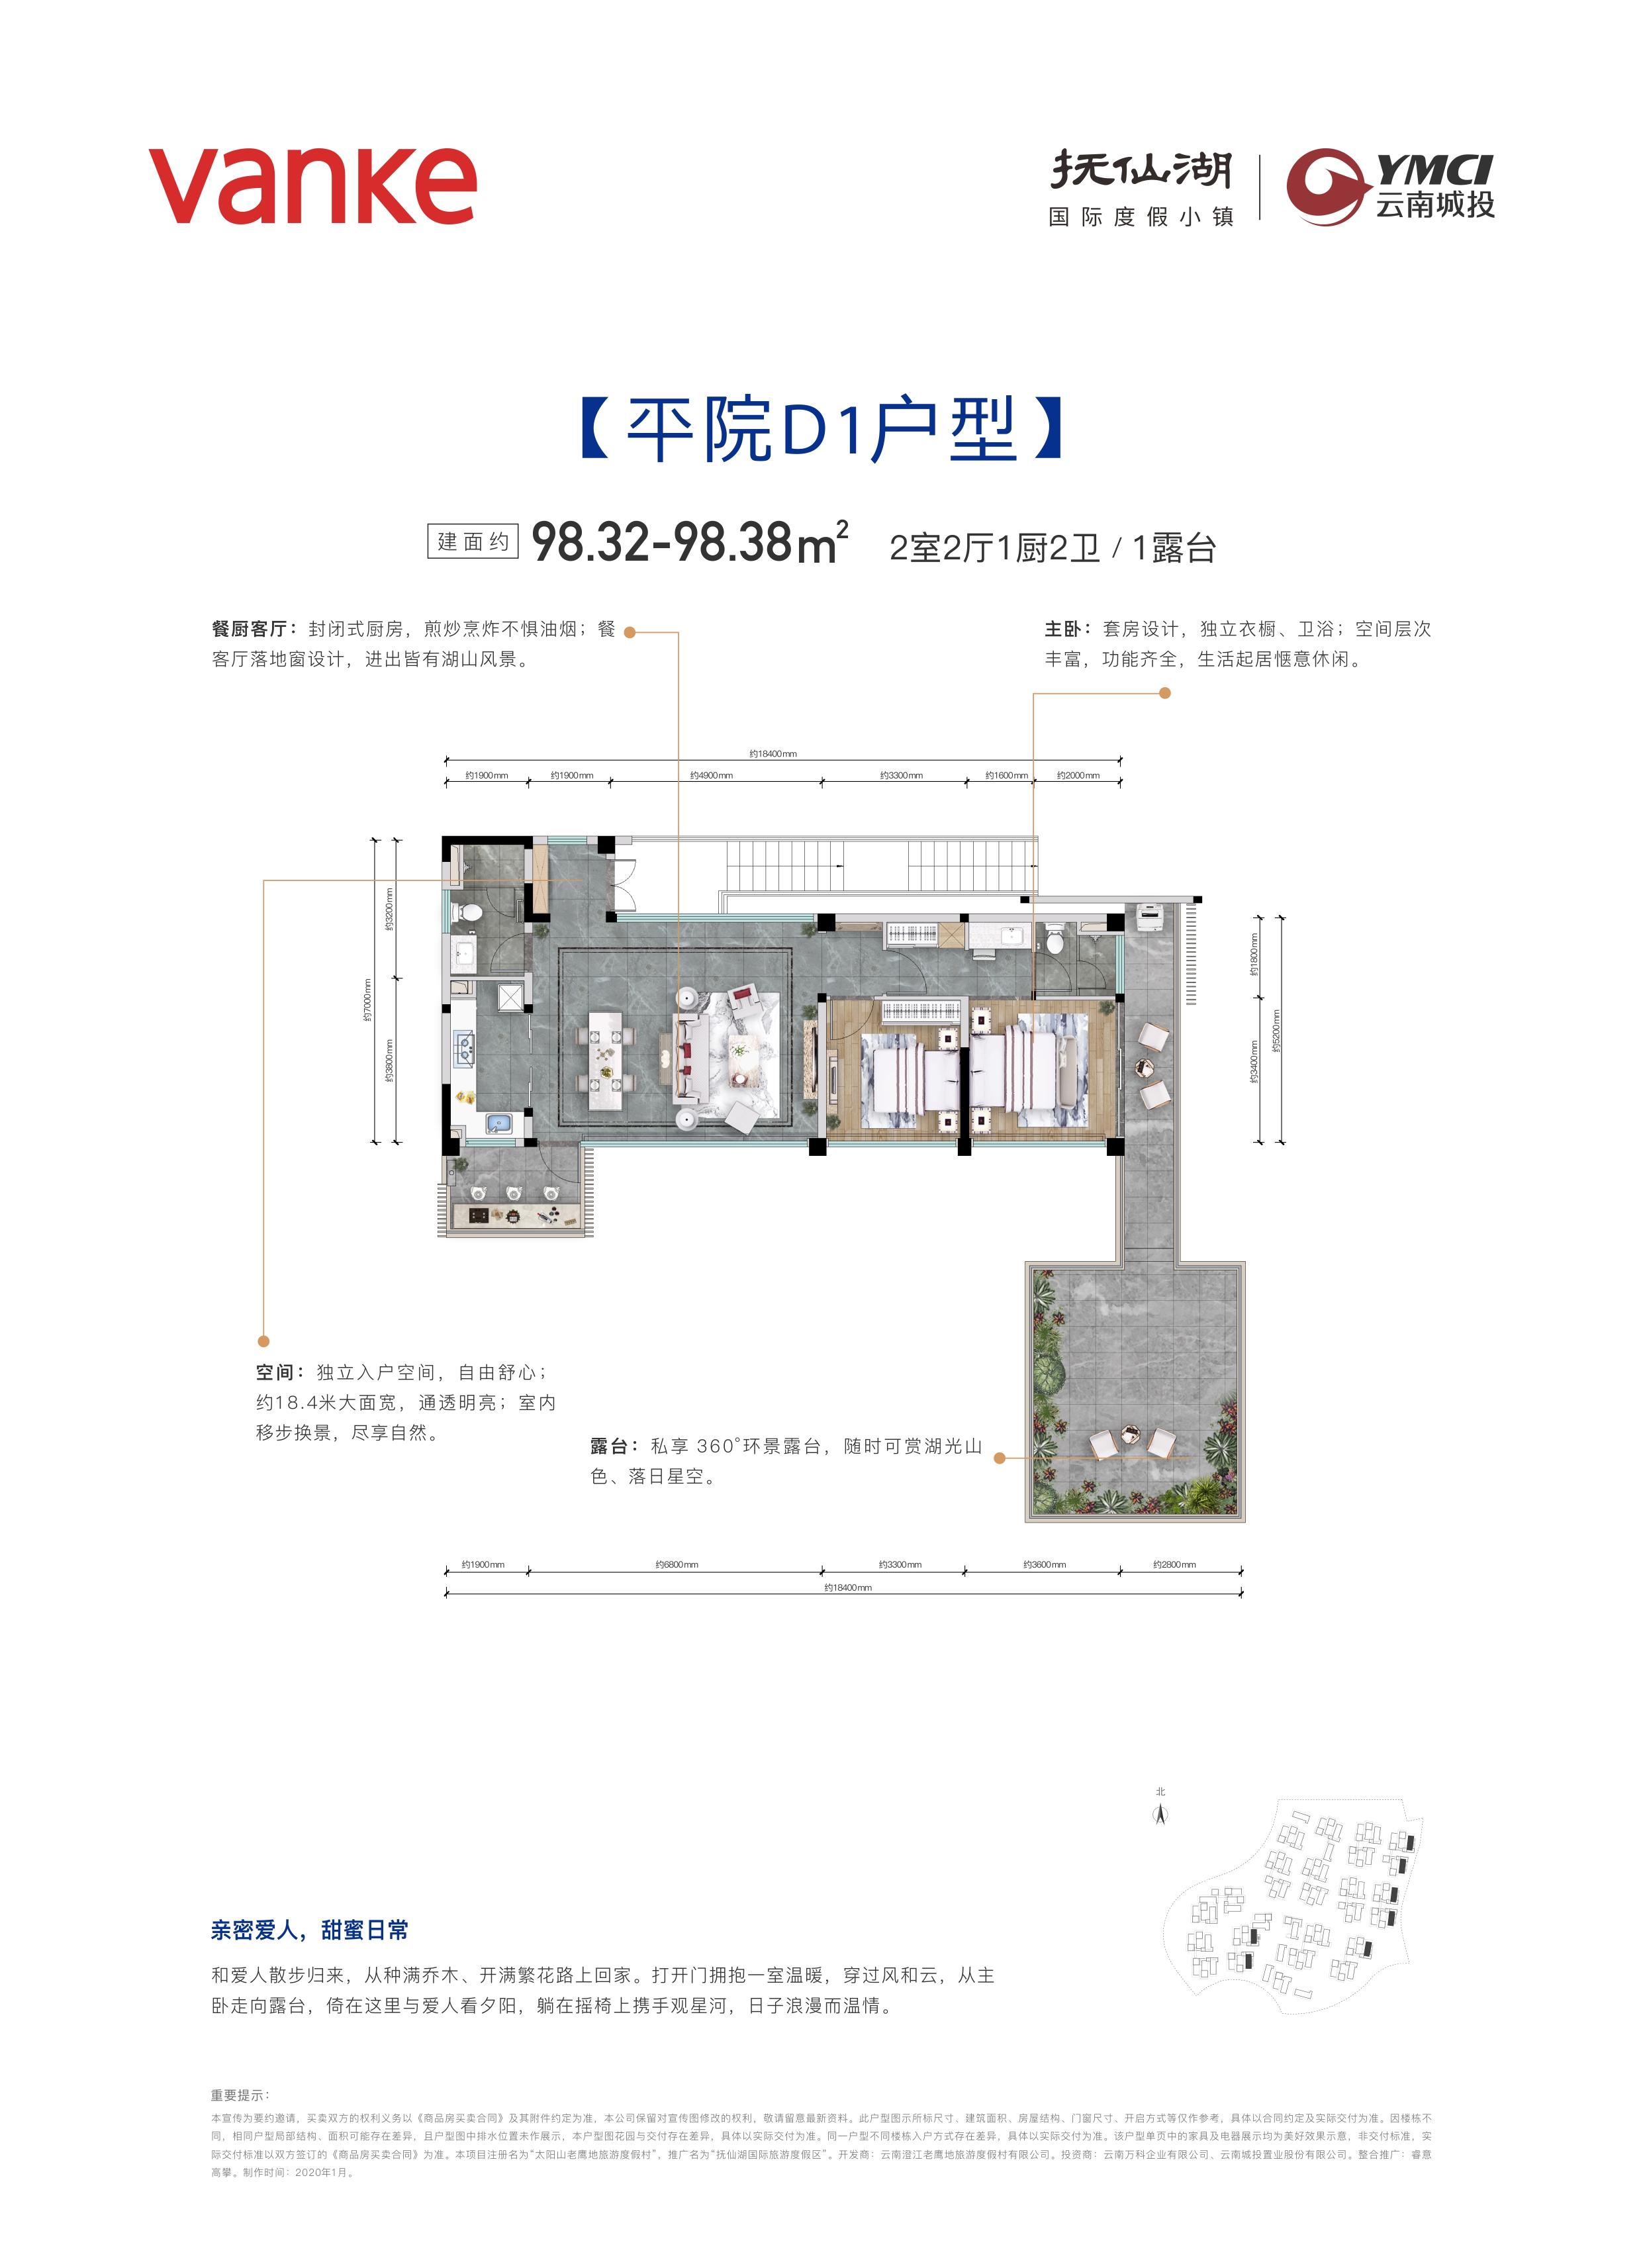 微信图片_20200501103529.jpg